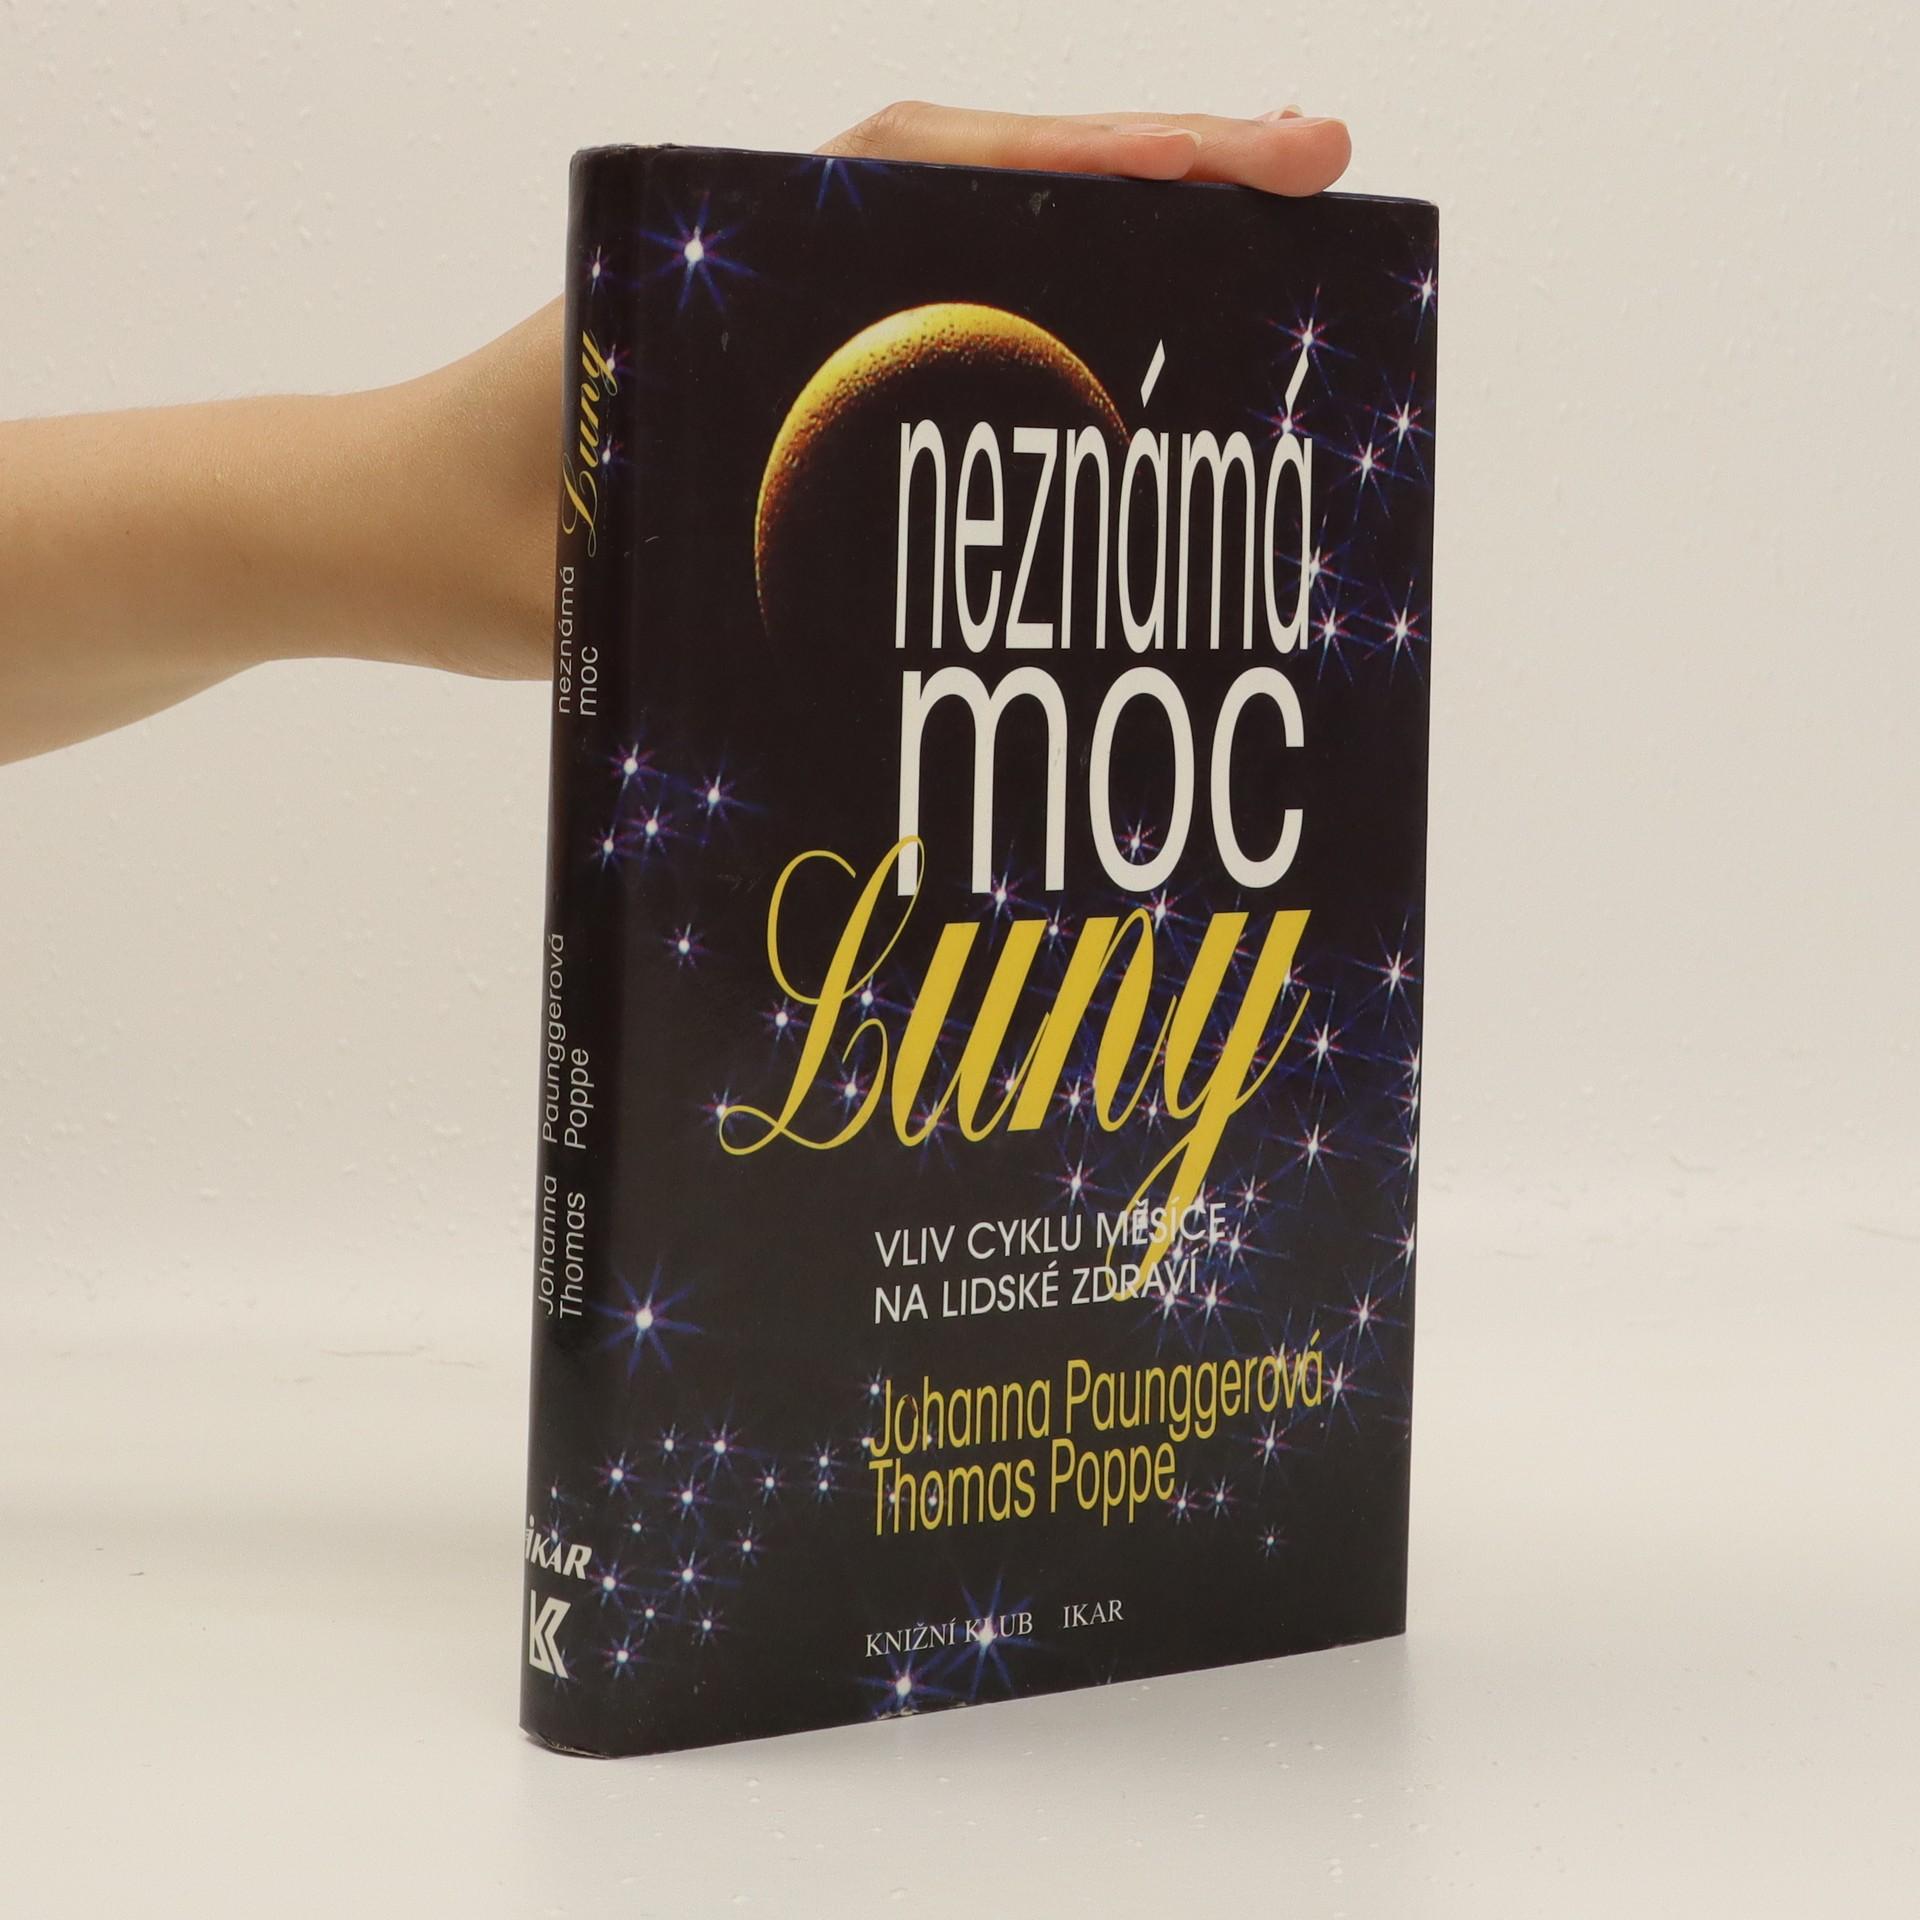 antikvární kniha Neznámá moc Luny : vliv cyklů Měsíce na lidské zdraví, 1996